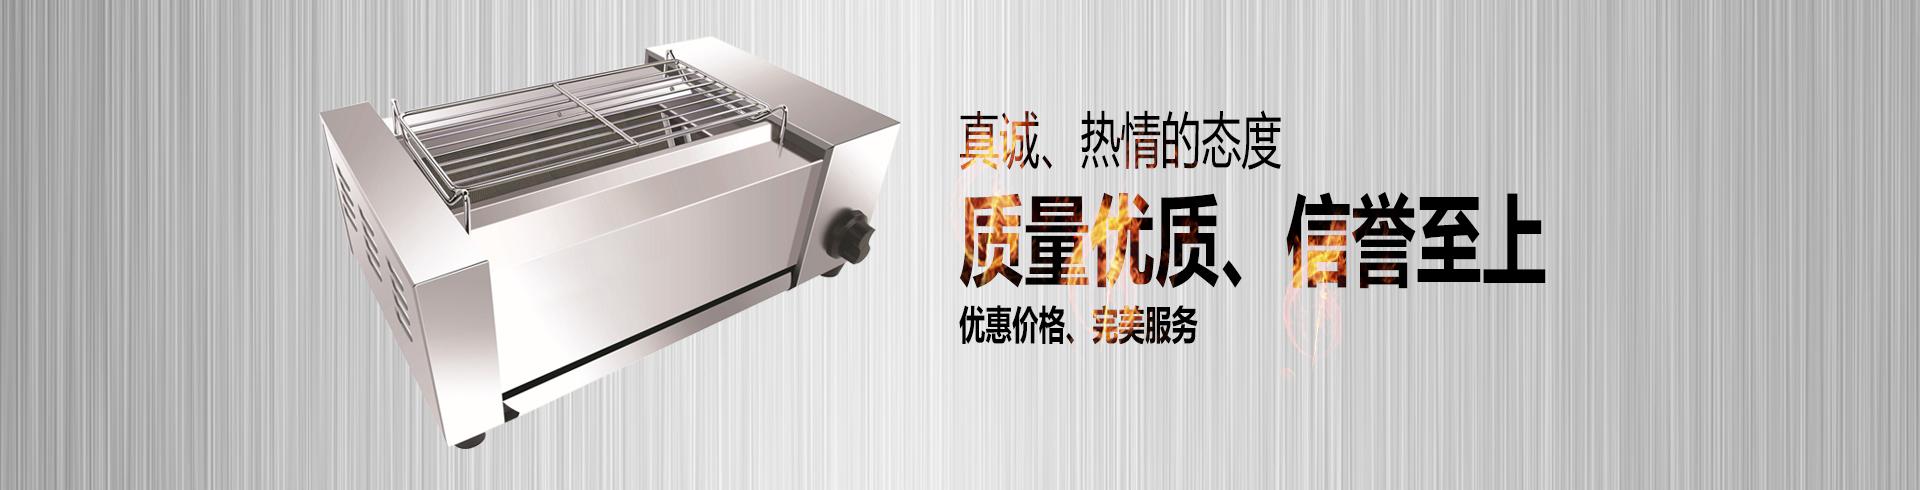 貴陽龍強金屬科技有限公司